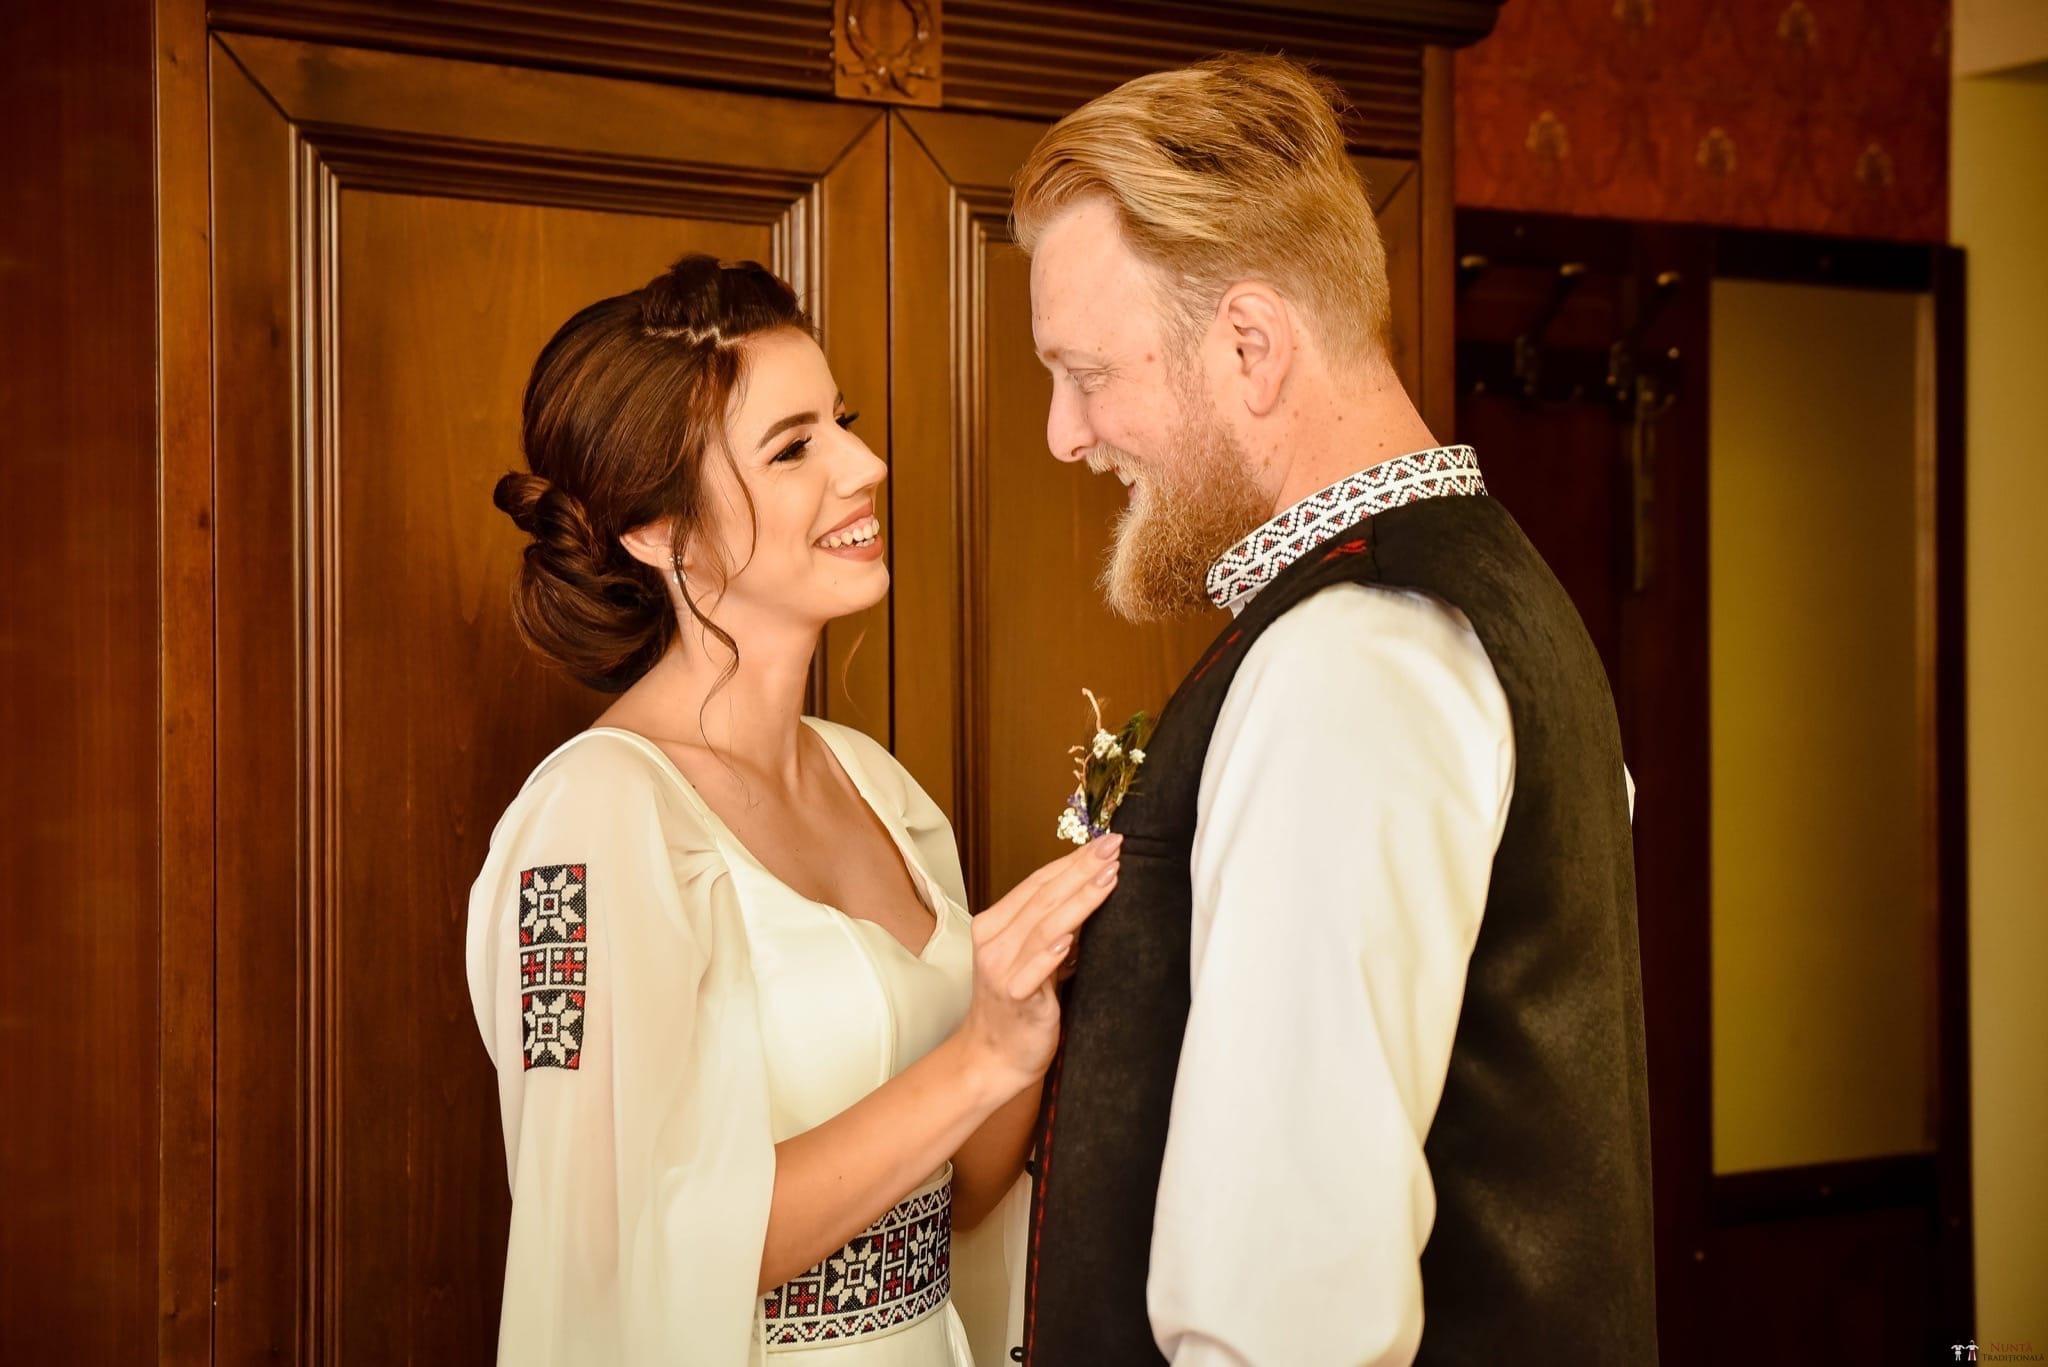 Povești Nunți Tradiționale - Georgiana și Andrei, nuntă tradițională în Iași 9